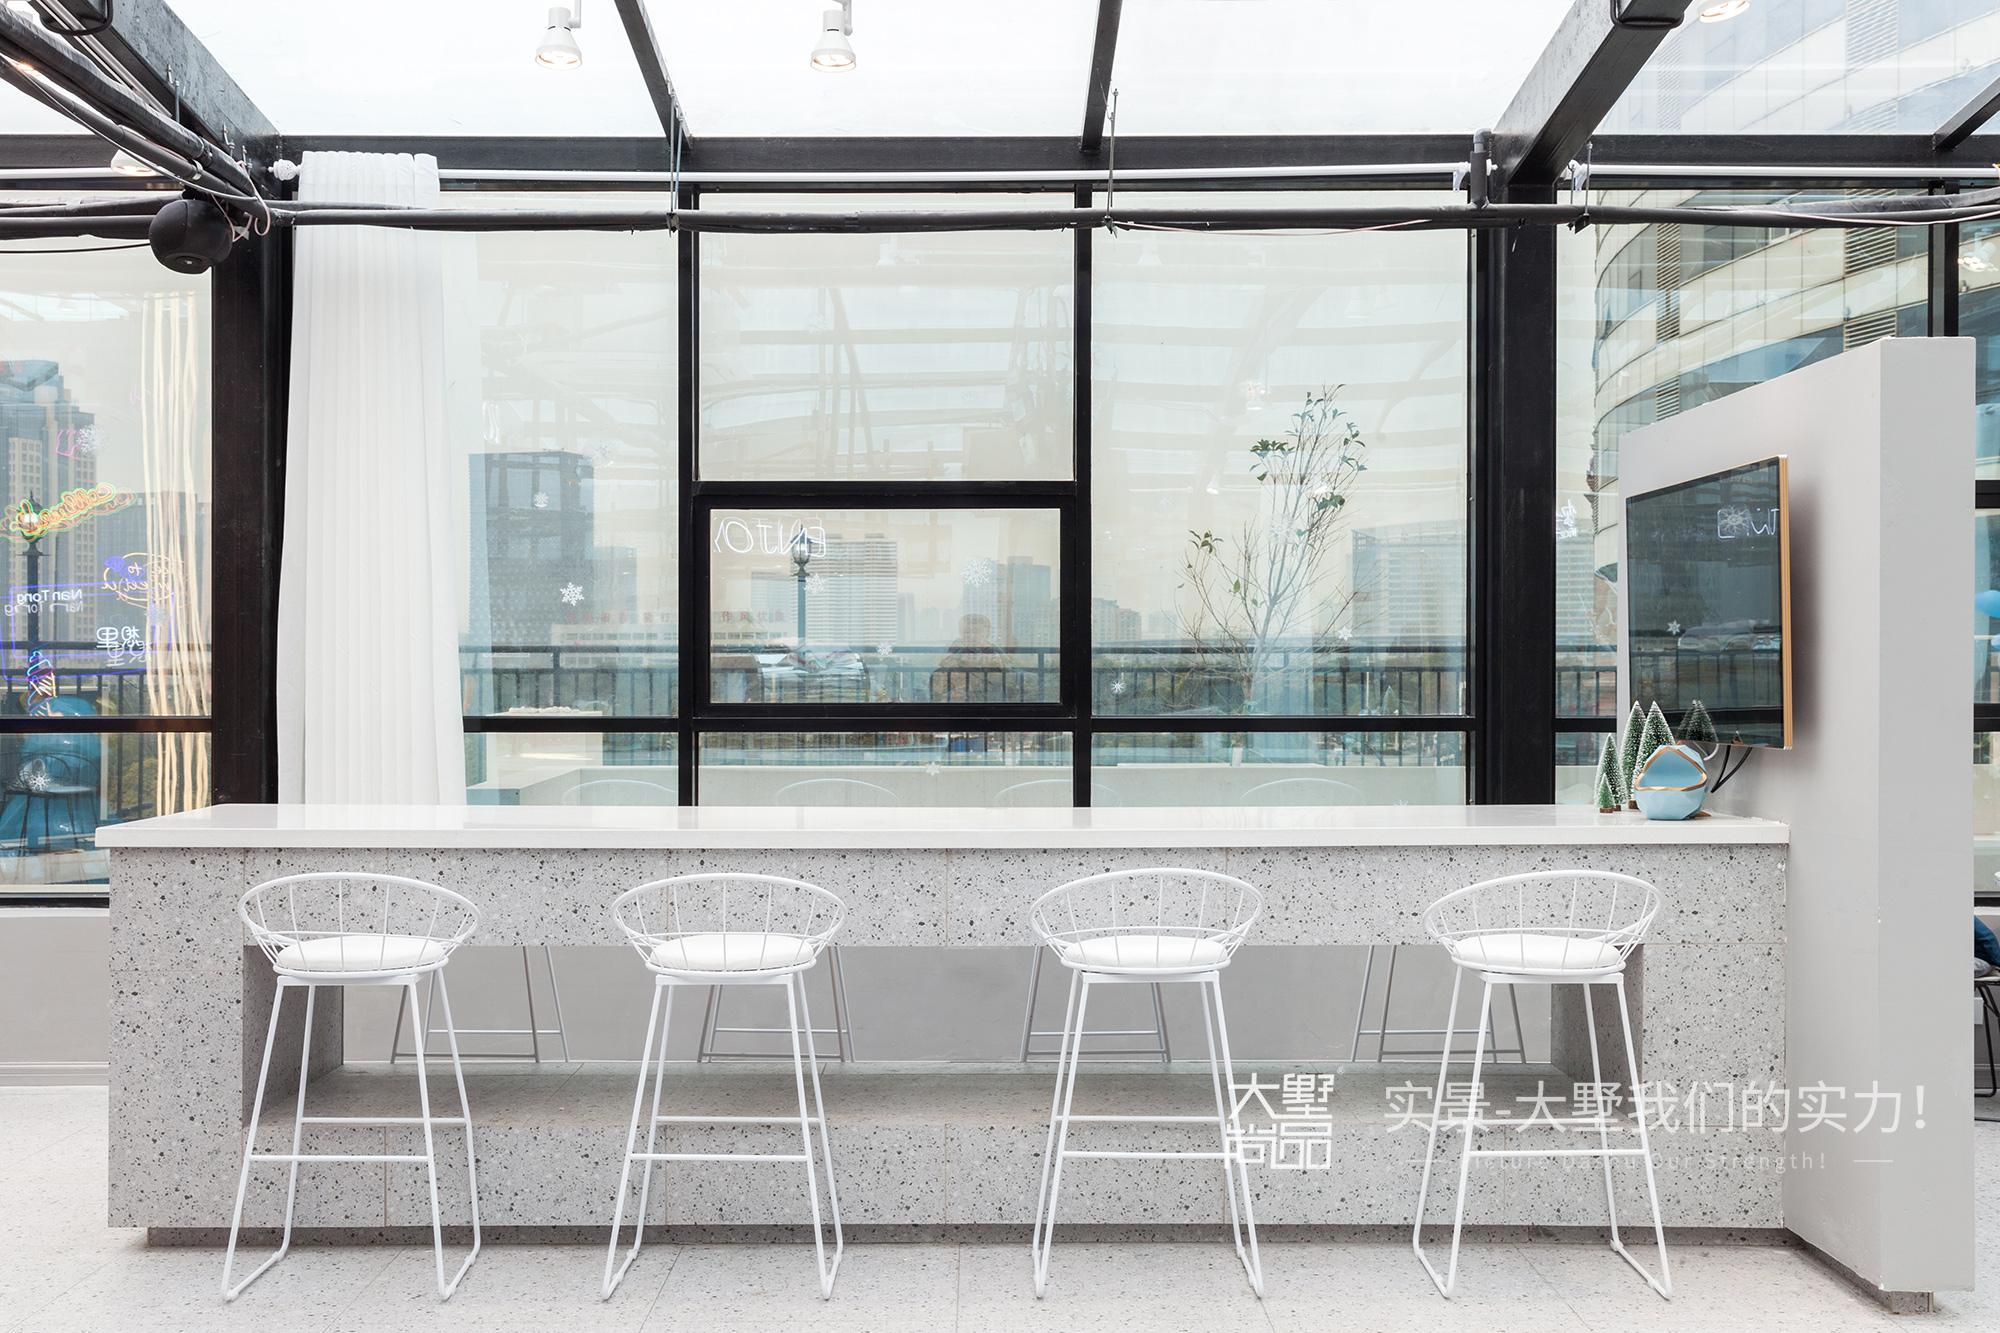 玻璃房 咖啡馆 餐厅图片来自大墅尚品-由伟壮设计在想里·在玻璃房享受阳光和美味的分享